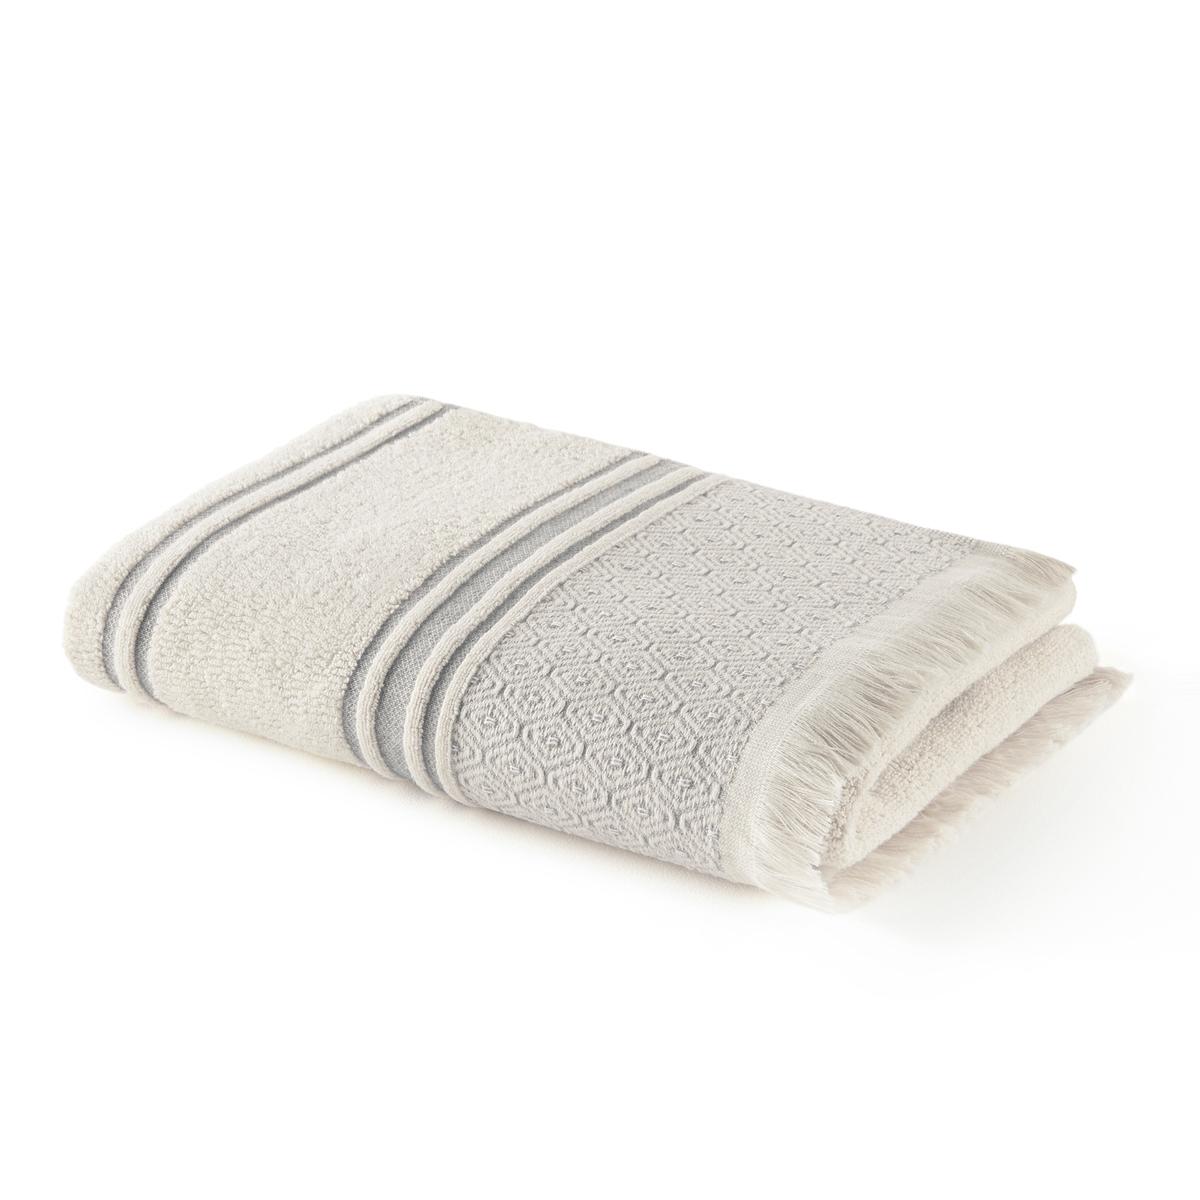 Полотенце La Redoute Из махровой ткани с бахромой из хлопка Agares 70 x 140 см серый комплект из полотенце для la redoute рук из хлопка и льна nipaly 50 x 100 см белый